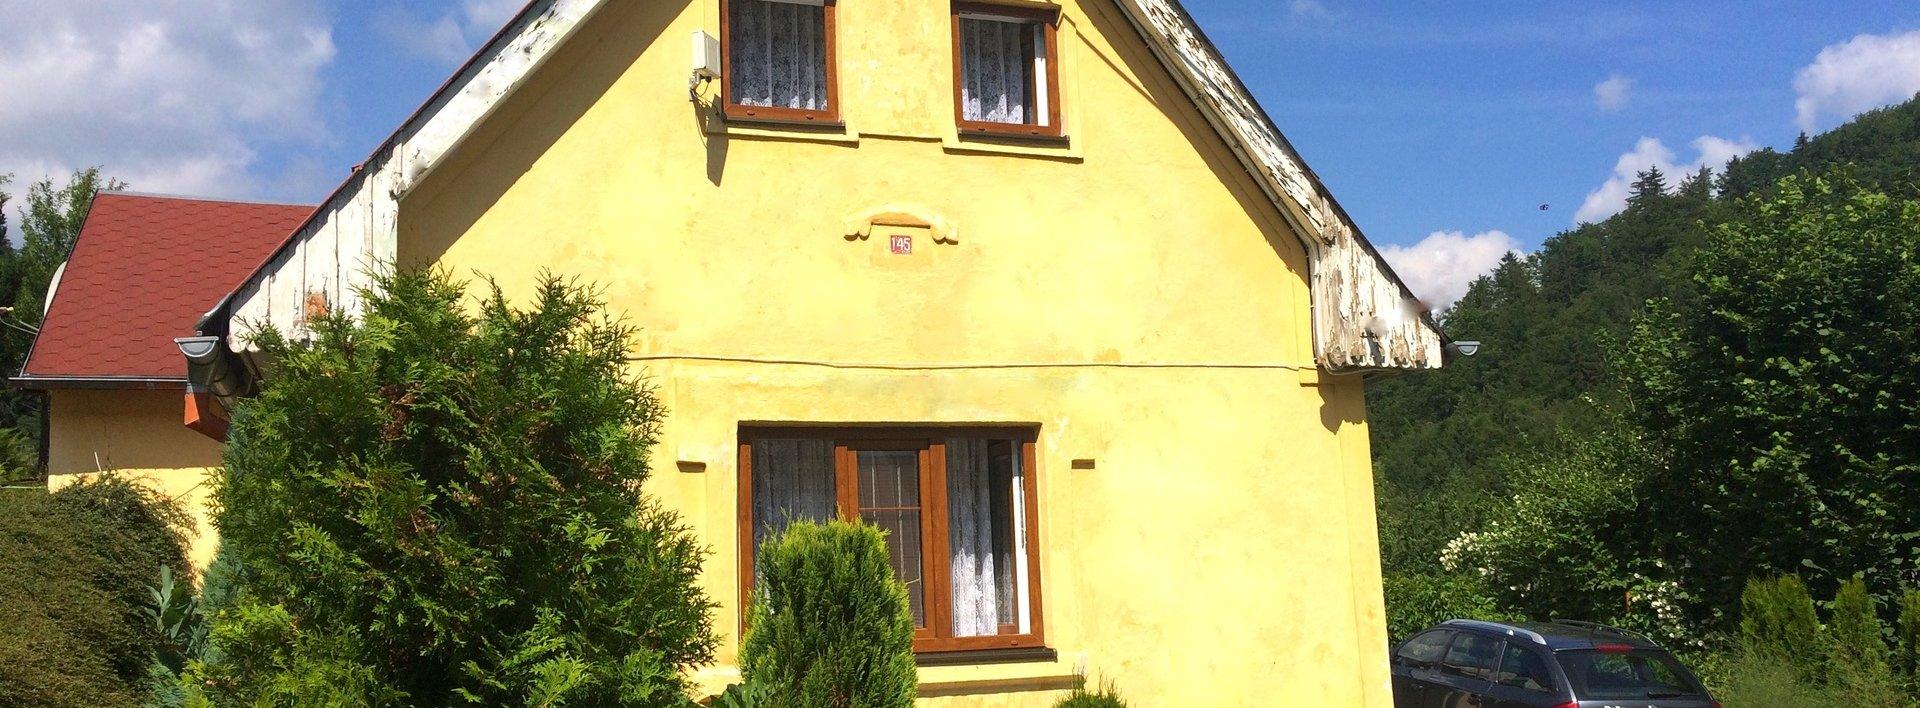 Prodej rodinného domu se zahradou 10.262 m2 - Kryštofovo Údolí u Liberce, Ev.č.: N48127